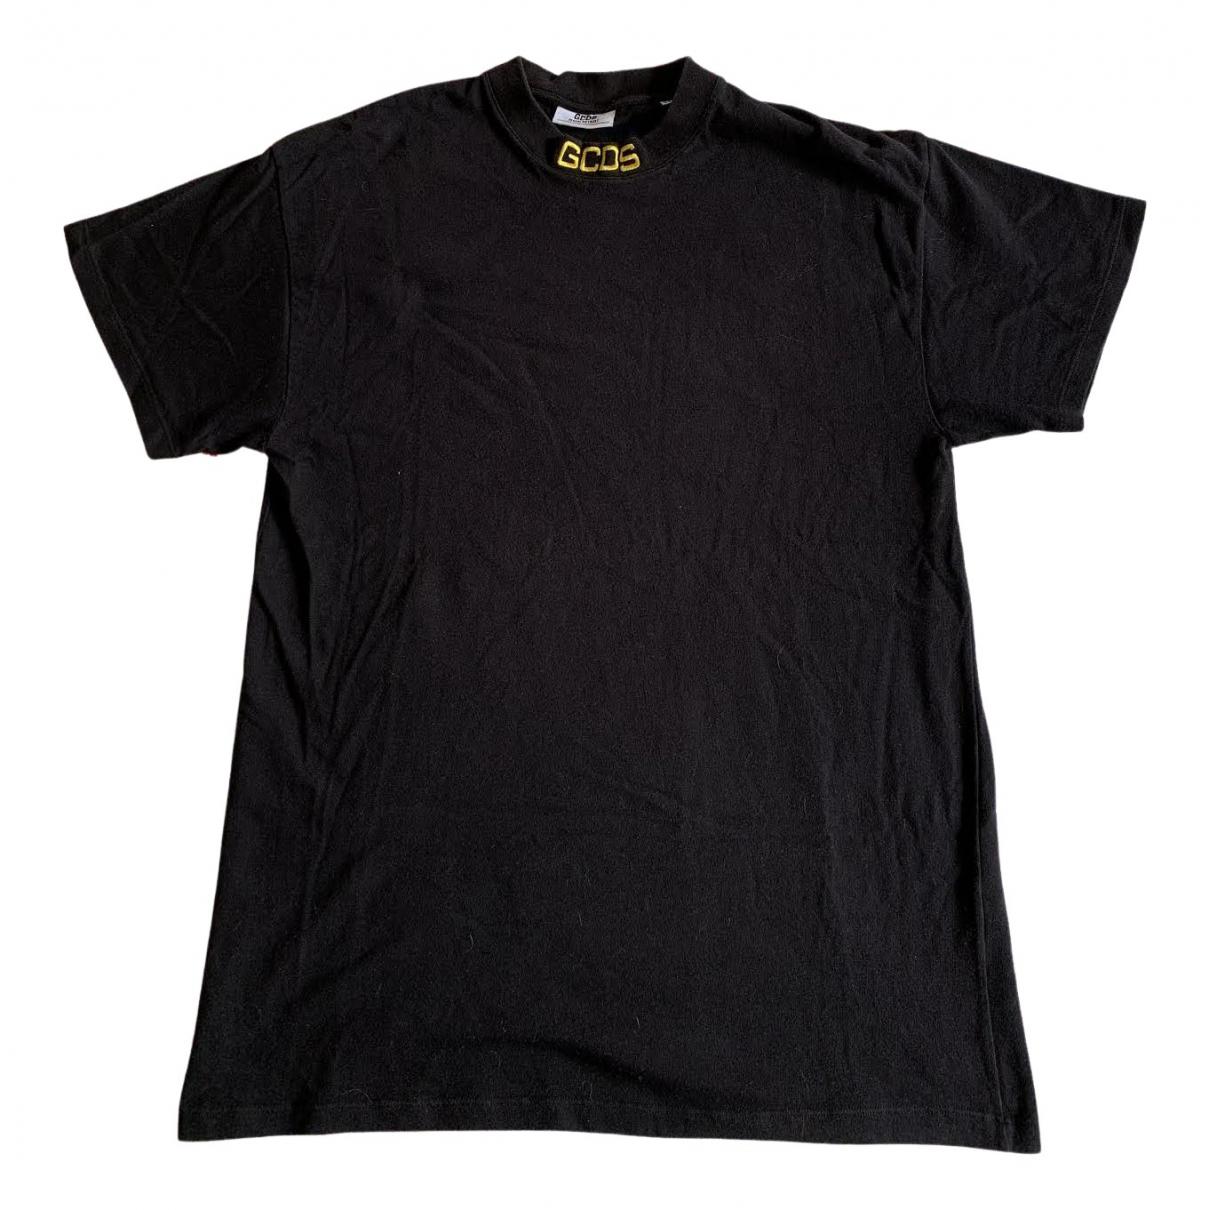 Gcds - Tee shirts   pour homme en coton - noir